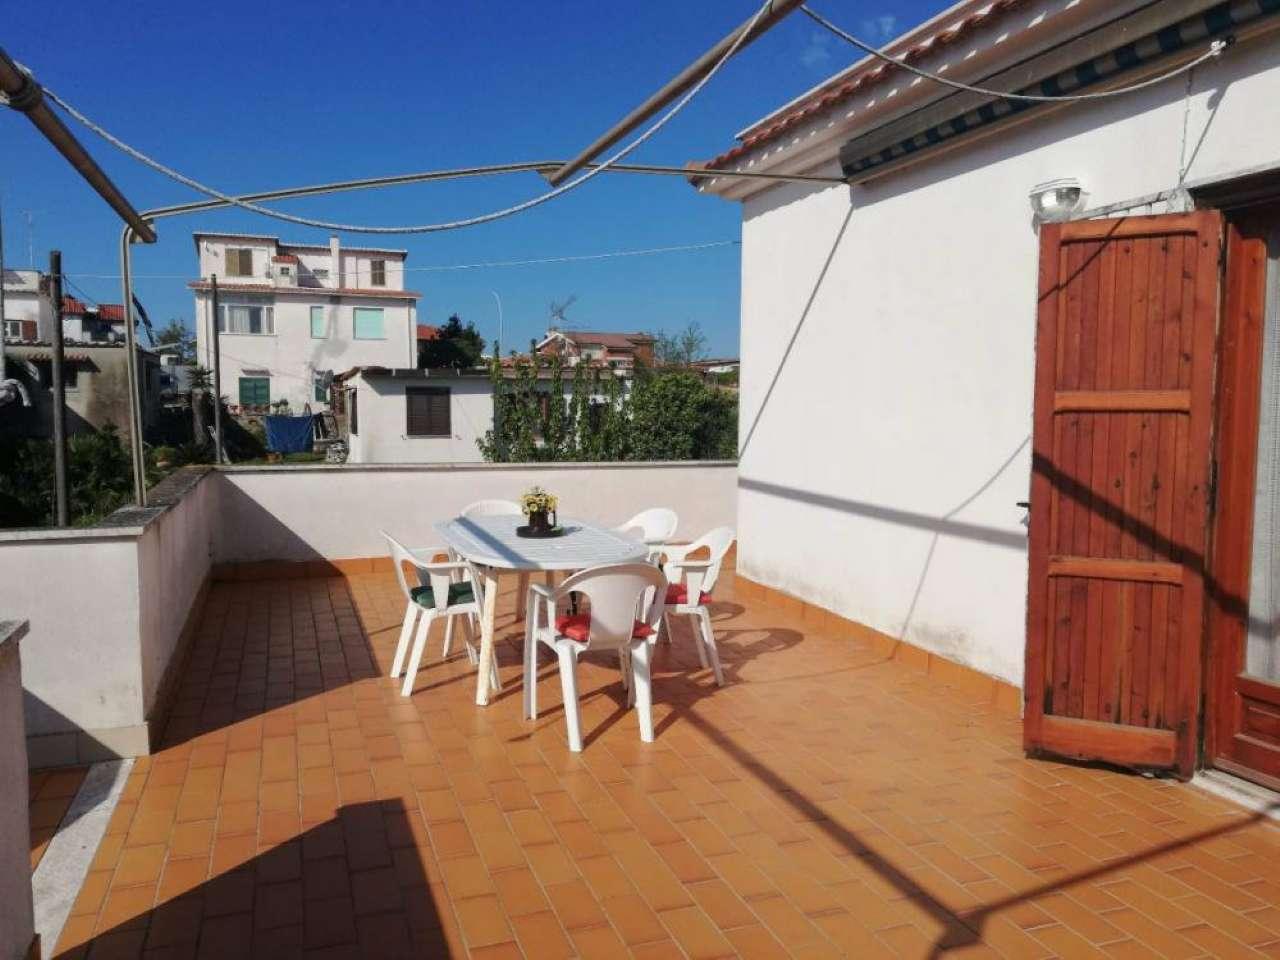 Appartamento in vendita a Ardea, 3 locali, prezzo € 83.000   PortaleAgenzieImmobiliari.it